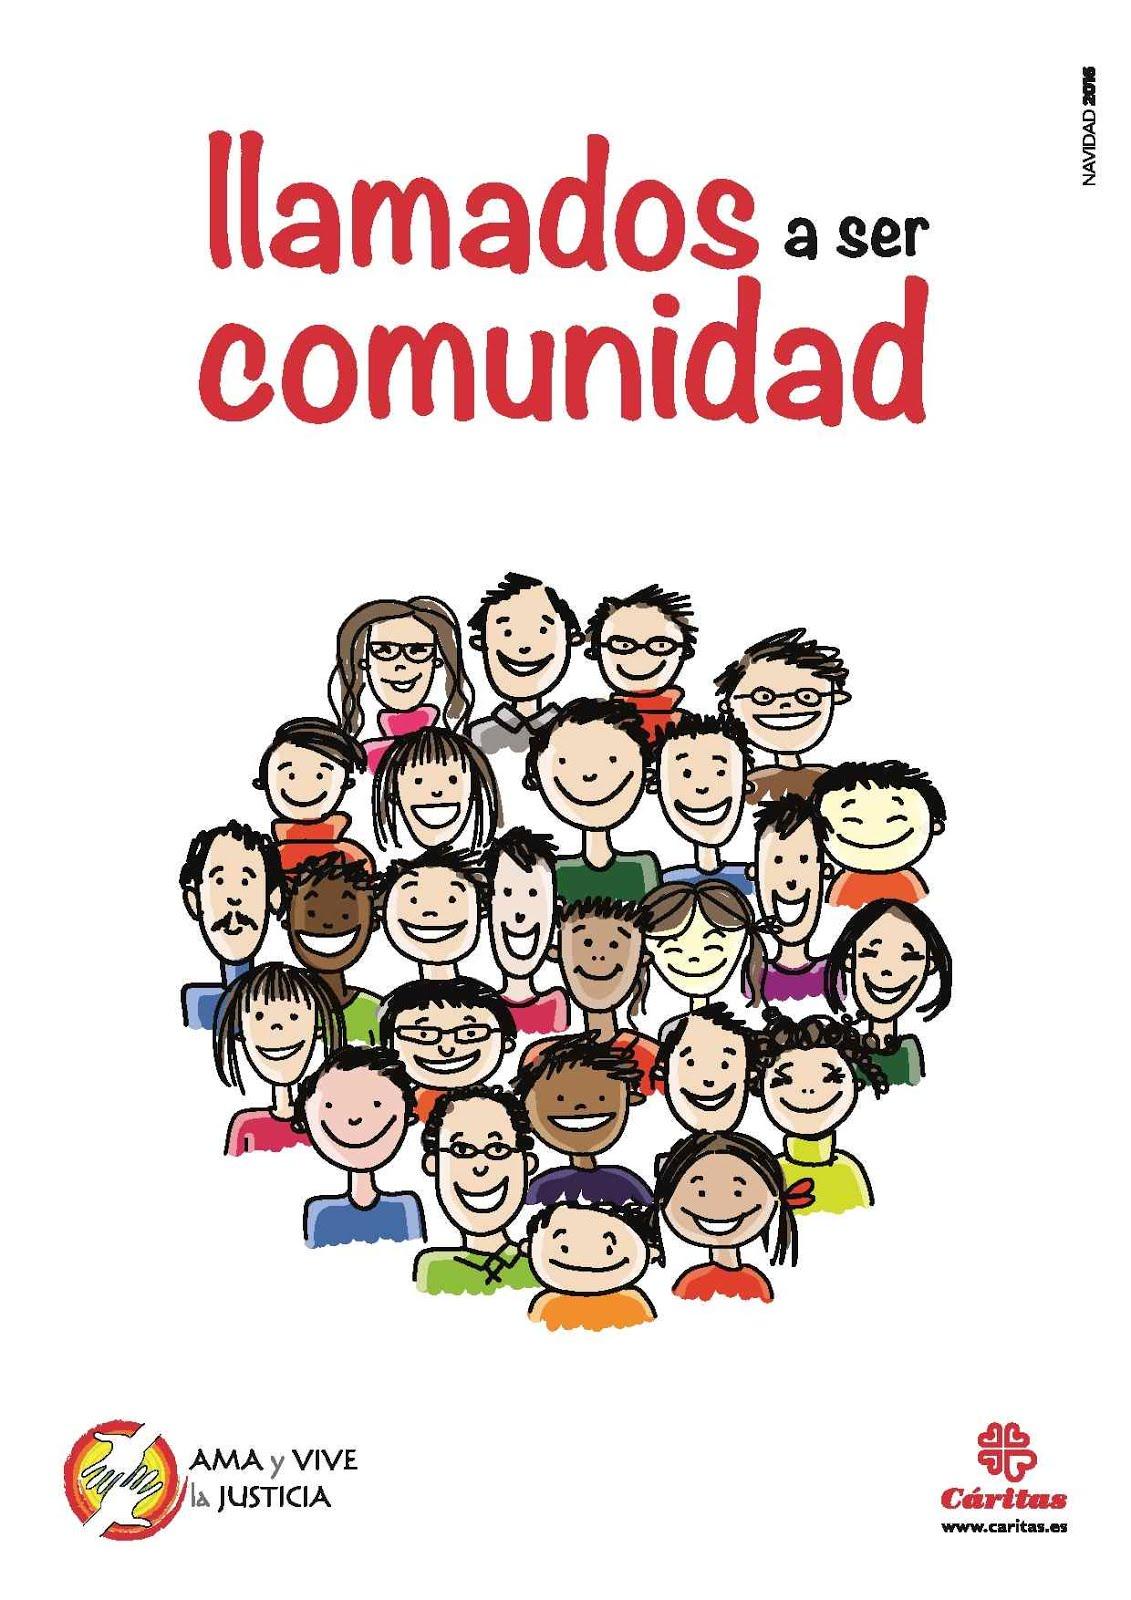 'LLAMADOS A SER COMUNIDAD'